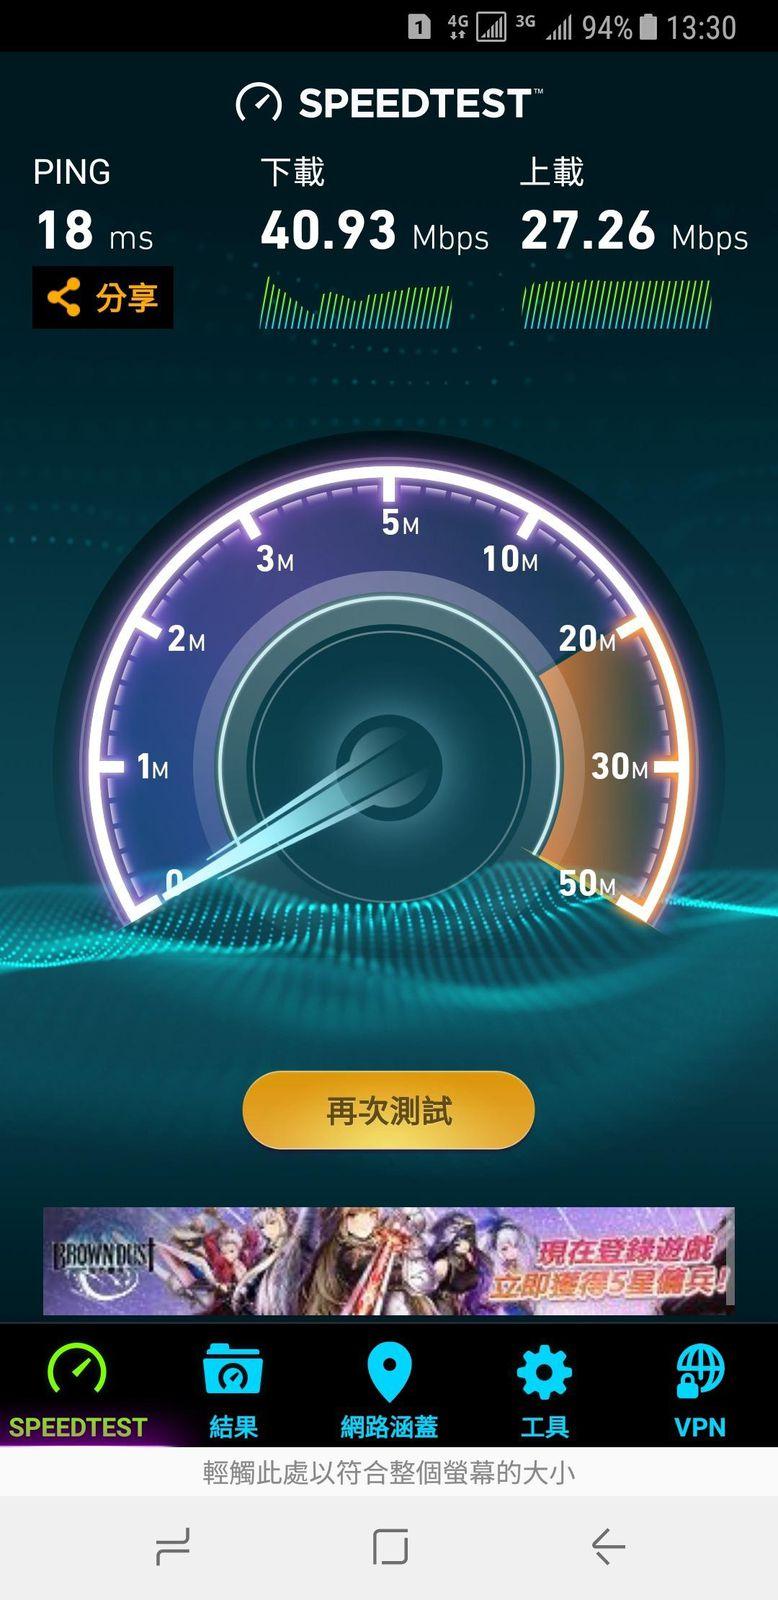 桃園機場捷運A1台北車站直達車月台速度 (2).jpg